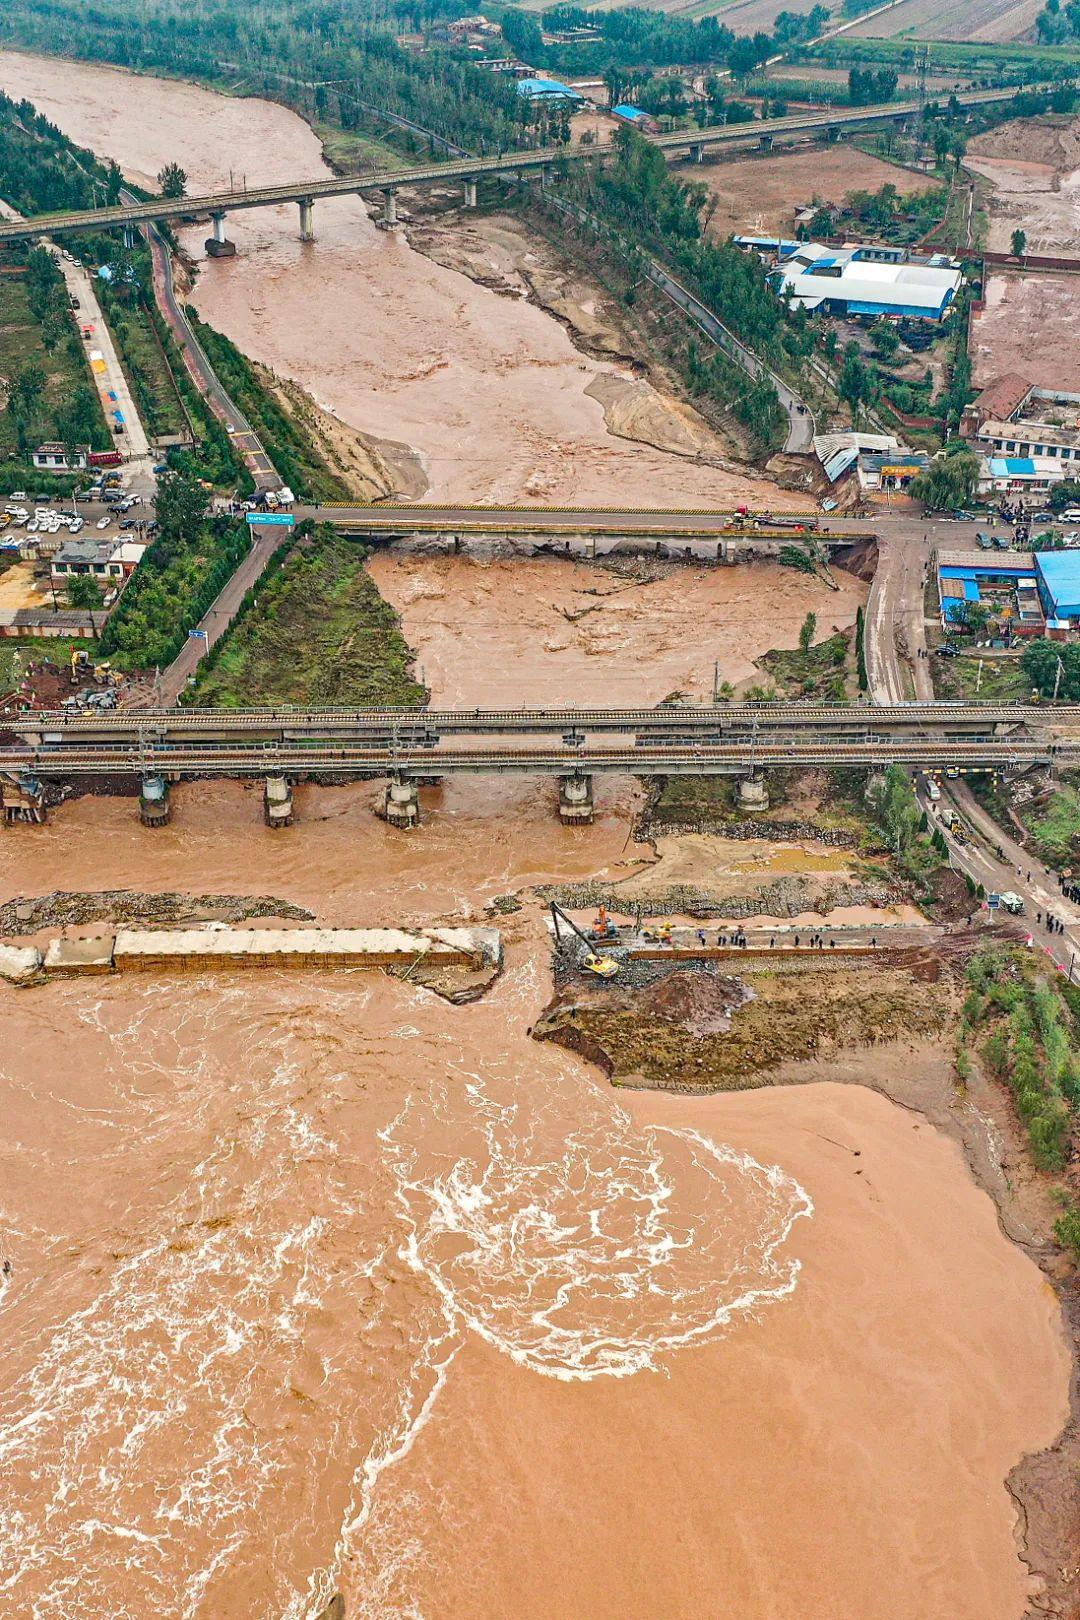 山西晋中昌源河大桥桥台被冲垮,铁路双向中断。 经过紧急抢险,上行线已经可以通车。 图/人民视觉